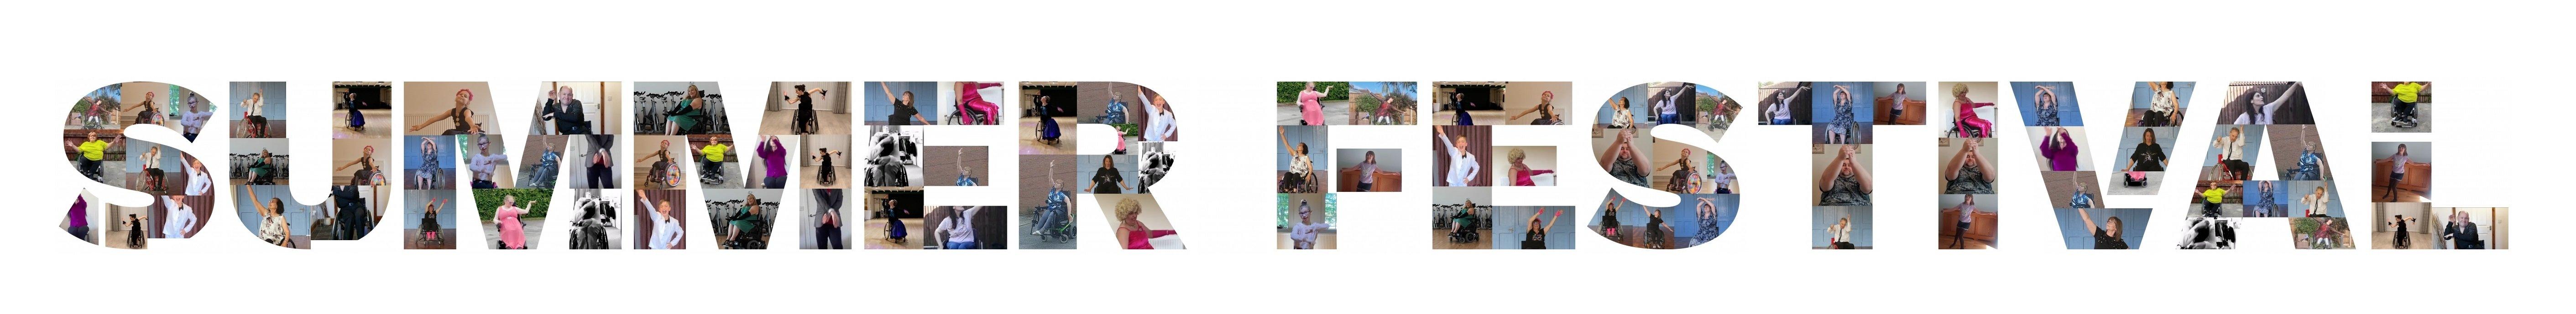 4f74ae29ab52ba4d2f2011afe47d5f75_collage-1.jpg